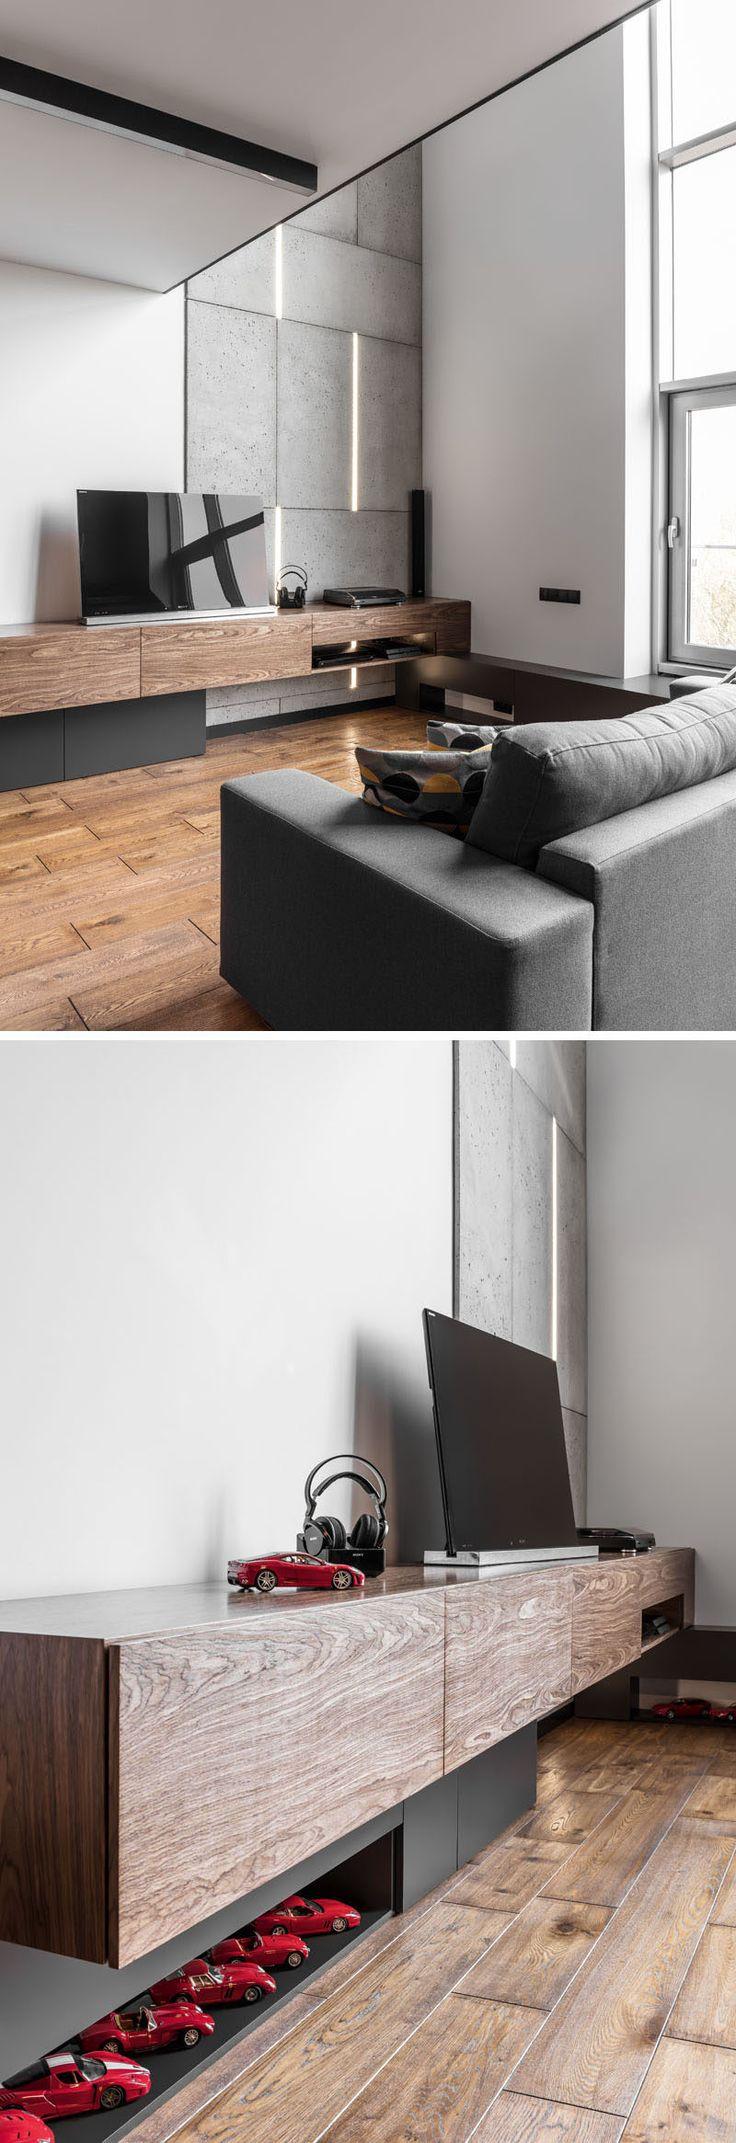 В этой простой и современной гостиной есть деревянная развлекательная консоль, в то время как стена с акцентом из бетона имеет встроенное в нее освещение, поднимая глаз вверх до высокого потолка.